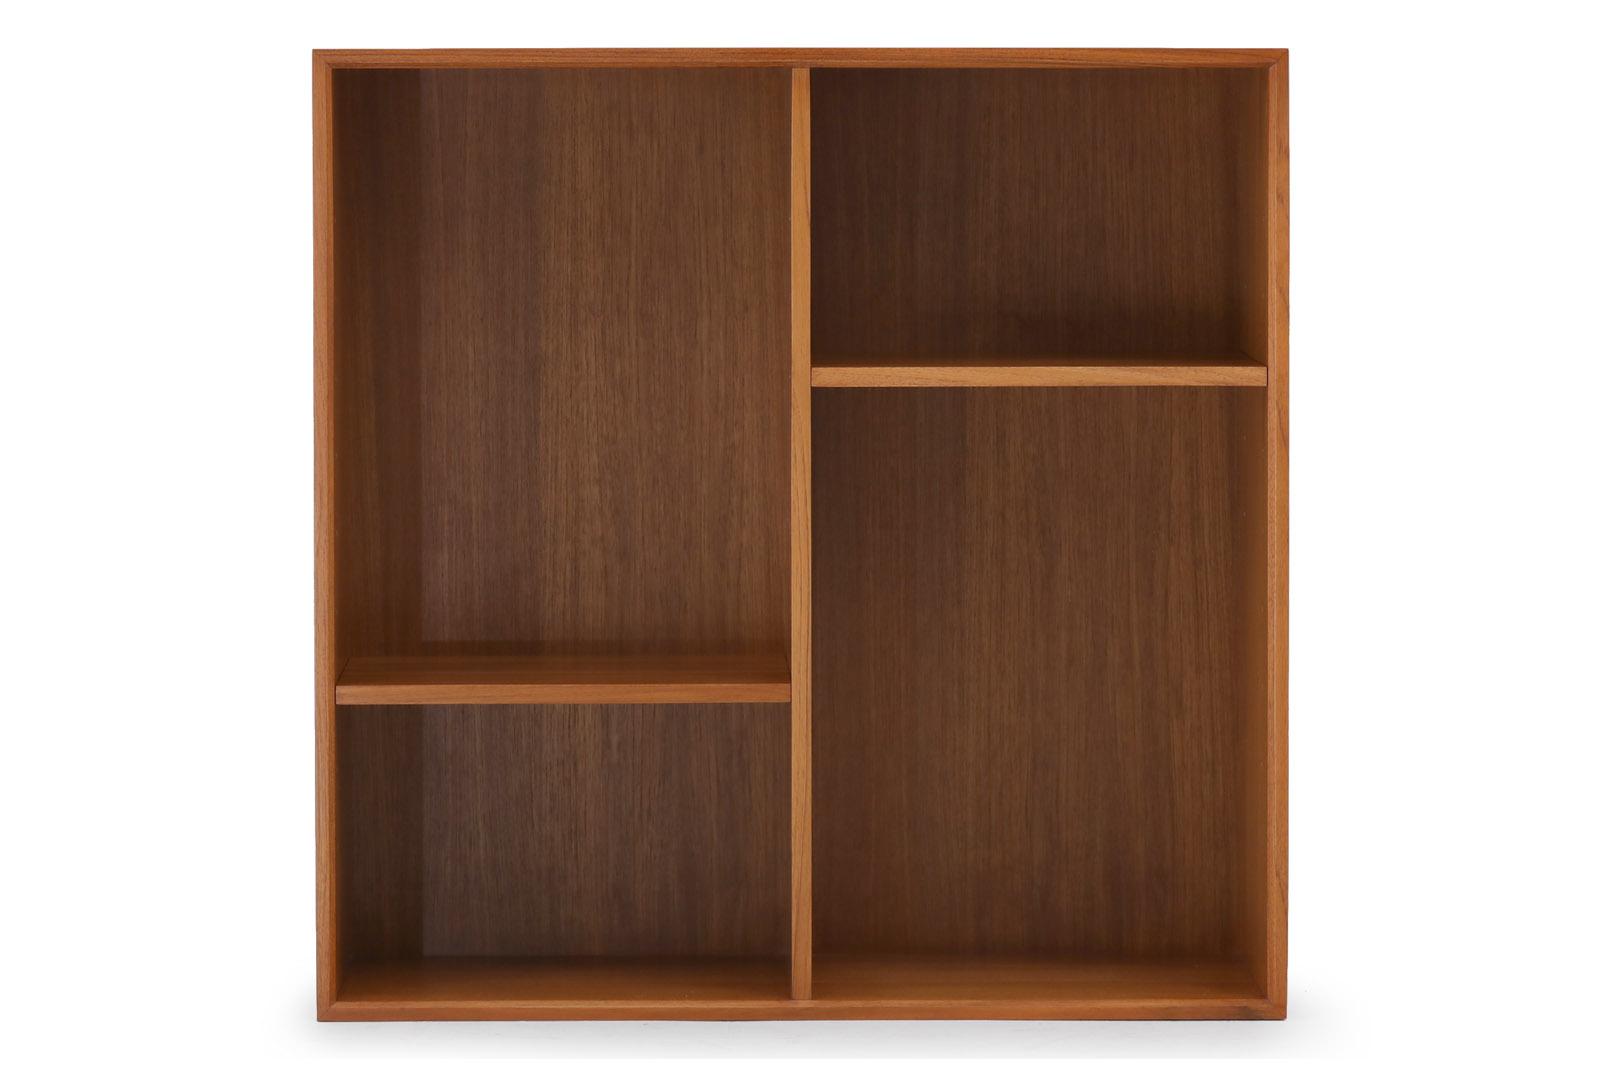 チーク無垢材 スモールブックシェルフ 2x2 専用追加棚板